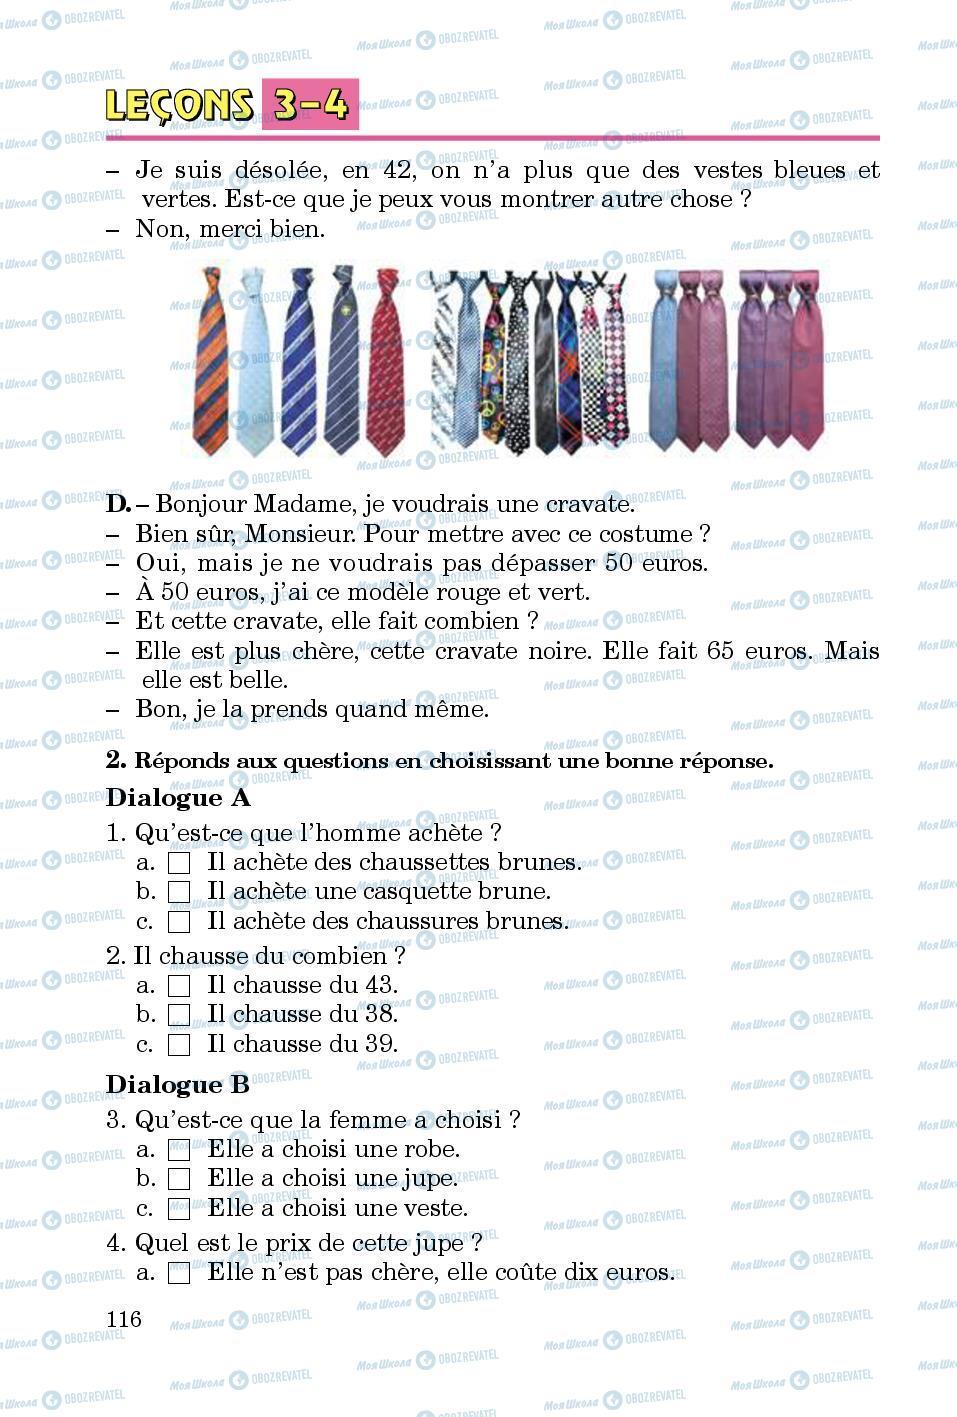 Підручники Французька мова 5 клас сторінка 116